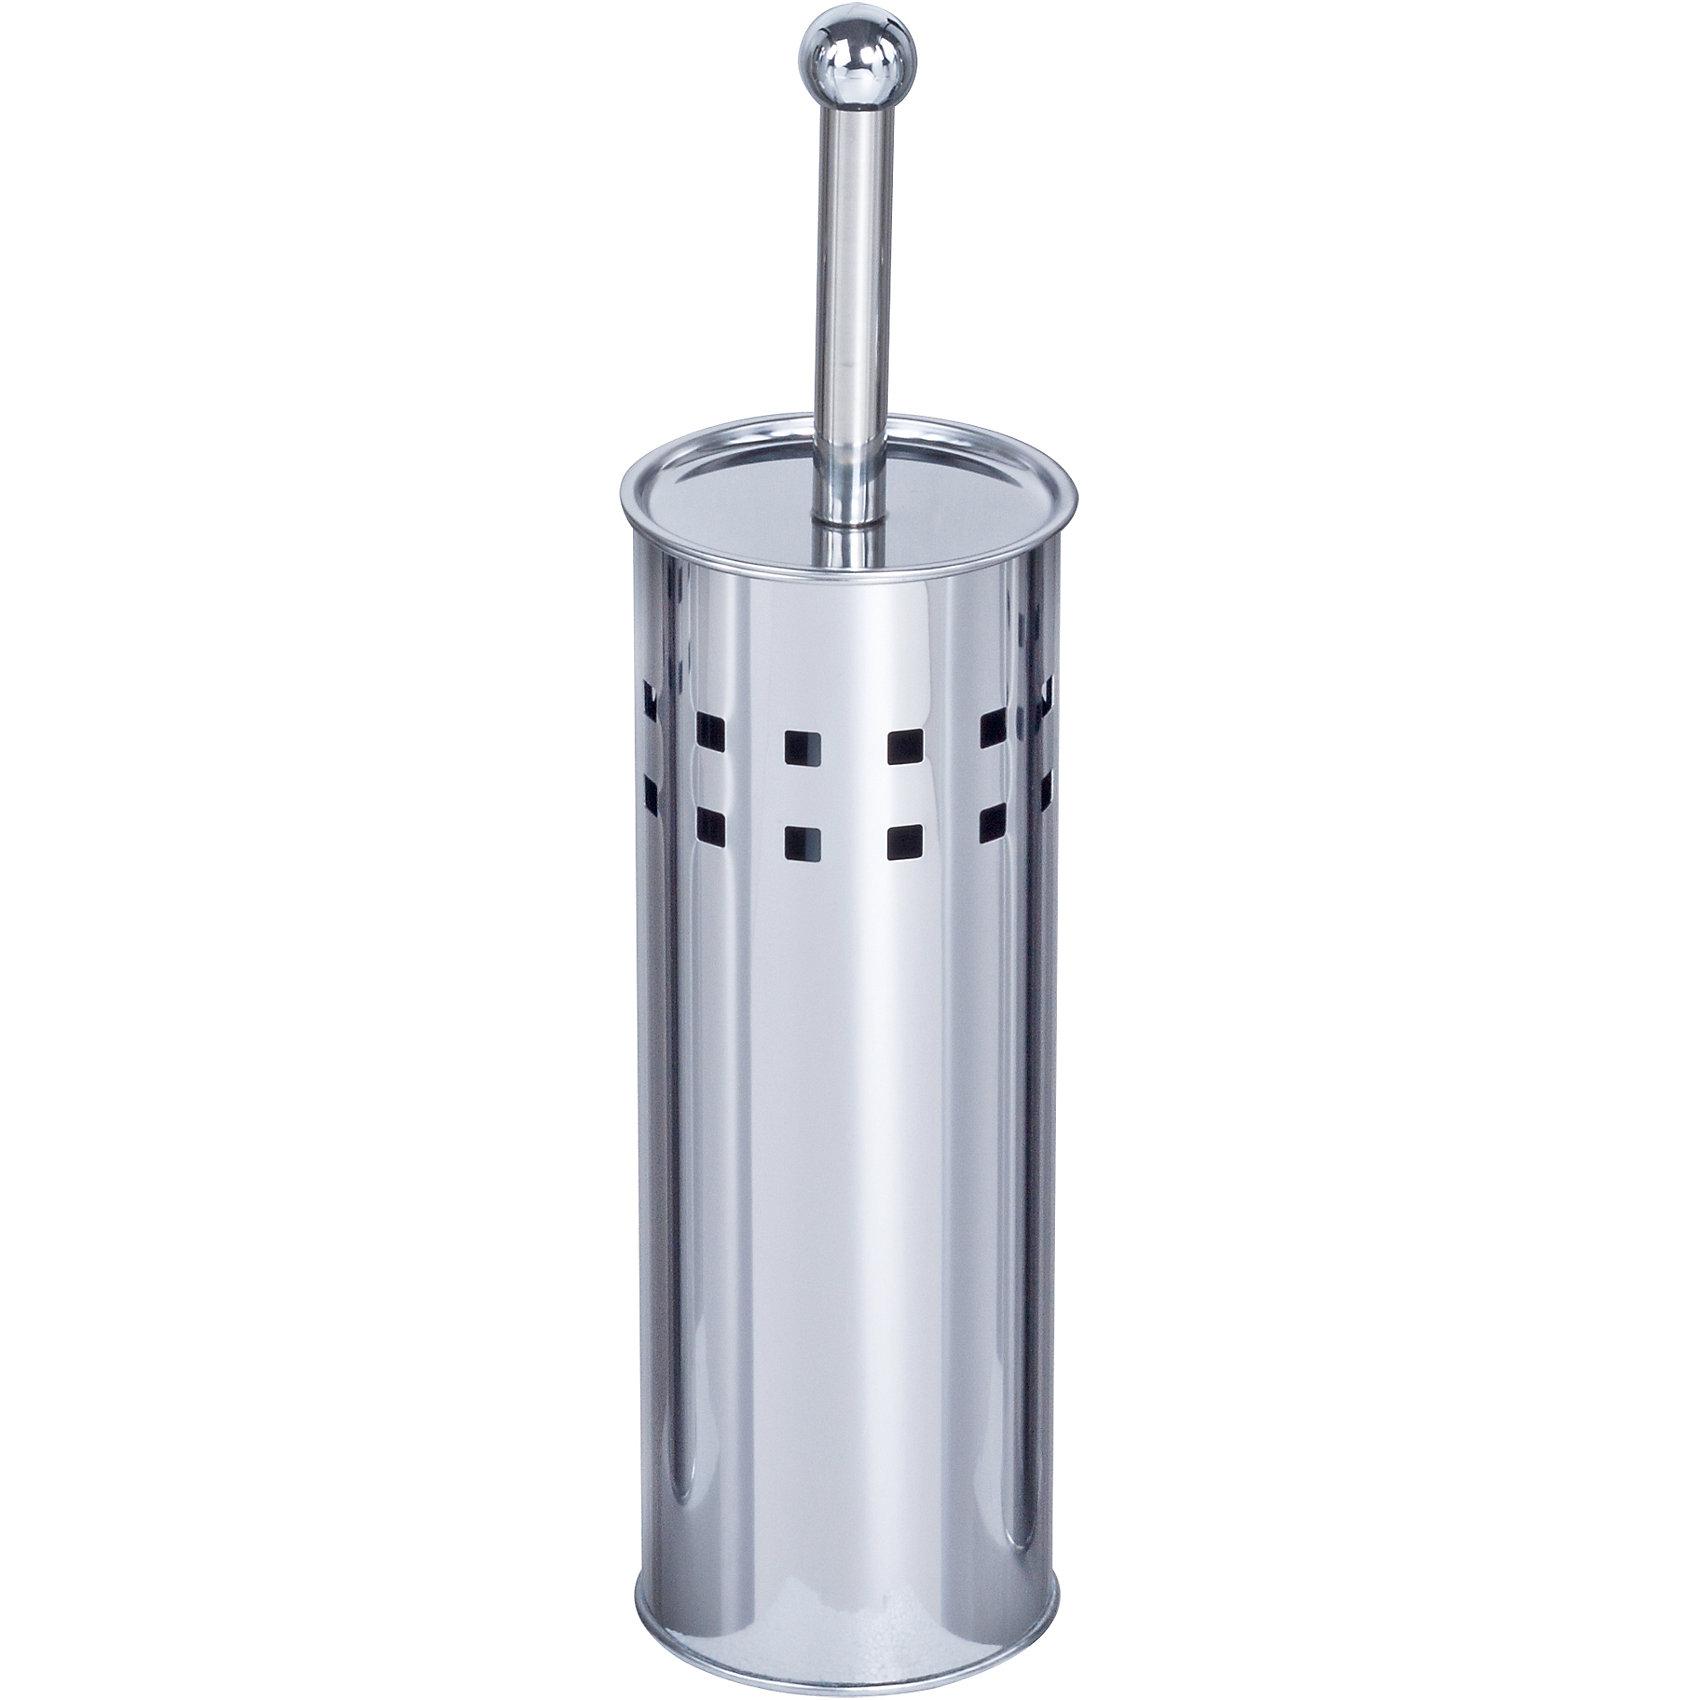 Туалетная щетка SSTE-002, Рыжий котВанная комната<br>Туалетная щетка SSTE-002, Рыжий кот<br><br>Характеристики:<br><br>• удобно использовать<br>• металлическая подставка<br>• высота: 38,4 см<br>• материал: нержавеющая сталь, пластик<br>• размер упаковки: 27х10х10 см<br>• вес: 420грамм<br><br>Туалетная щетка SSTE-002 отличается современным дизайном и удобством в использовании. Щетка имеет высокую подставку из нержавеющей стали. Стильная и удобная щетка - необходимая принадлежность для вашей туалетной комнаты.<br><br>Туалетную щетку SSTE-002, Рыжий кот можно купить в нашем интернет-магазине.<br><br>Ширина мм: 100<br>Глубина мм: 100<br>Высота мм: 270<br>Вес г: 420<br>Возраст от месяцев: 216<br>Возраст до месяцев: 1188<br>Пол: Унисекс<br>Возраст: Детский<br>SKU: 5622853